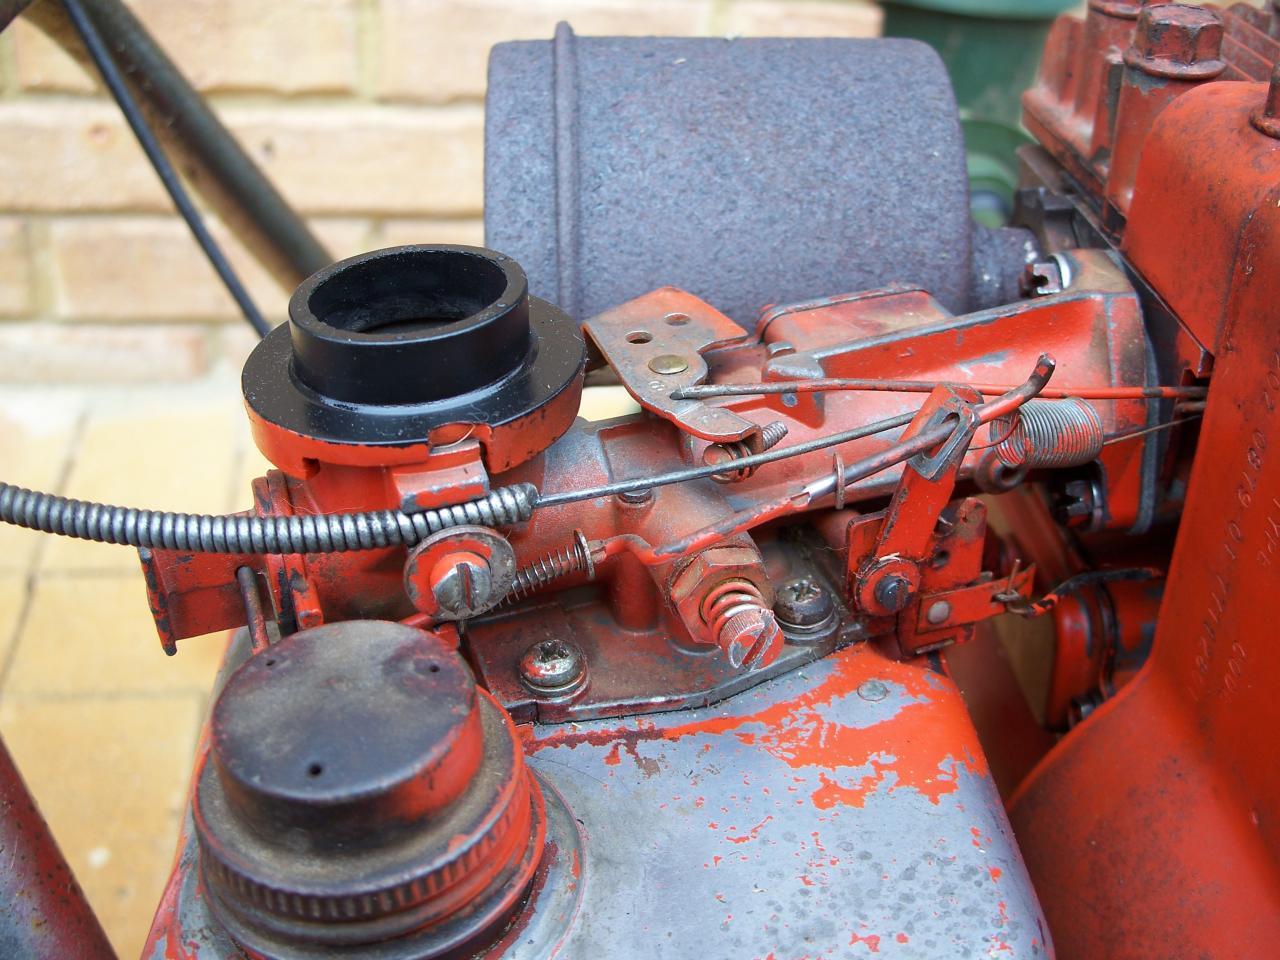 Briggs and stratton model 80202 repair manual